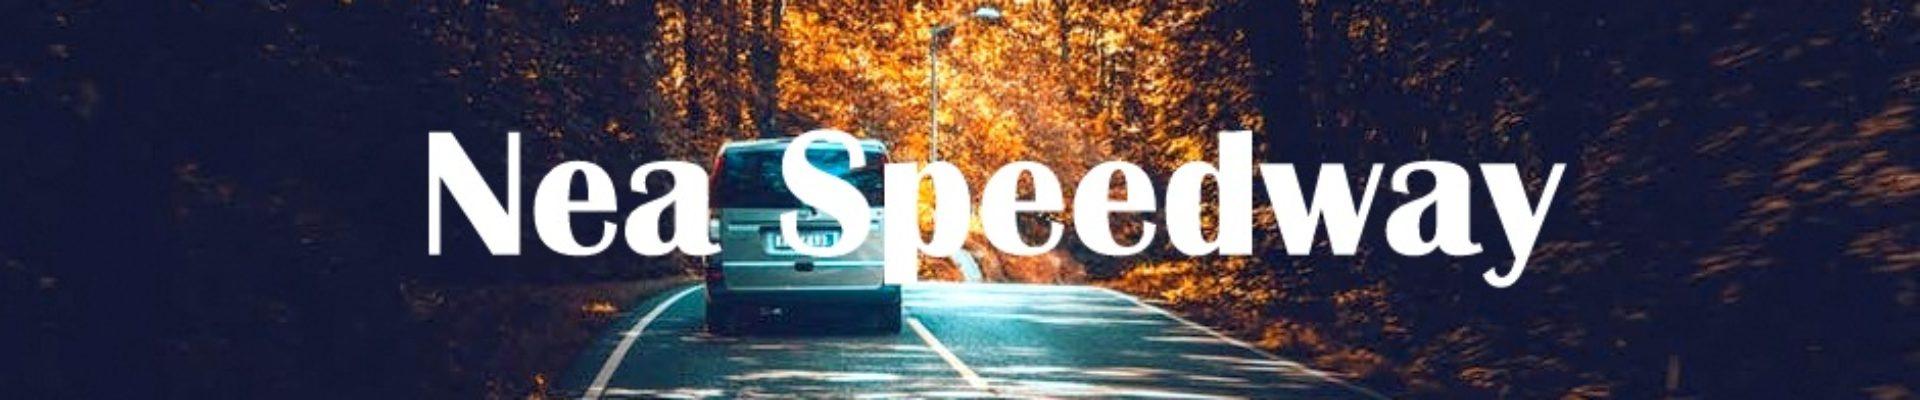 Nea Speedway